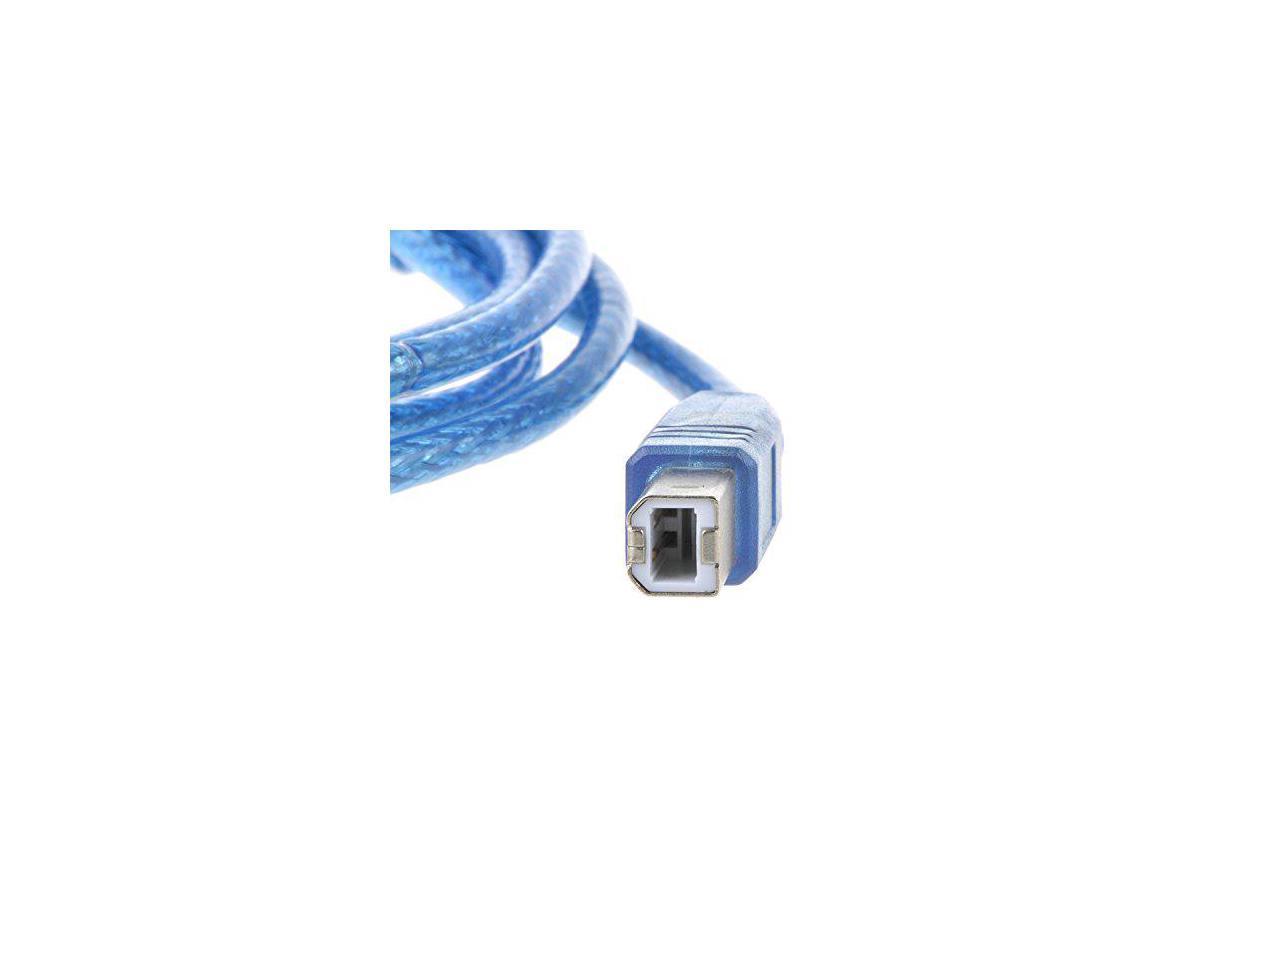 Accessory USA USB Cable Cord Lead for WD 1TB WDBAAH0010HCH-NE mybook ex HDD esata